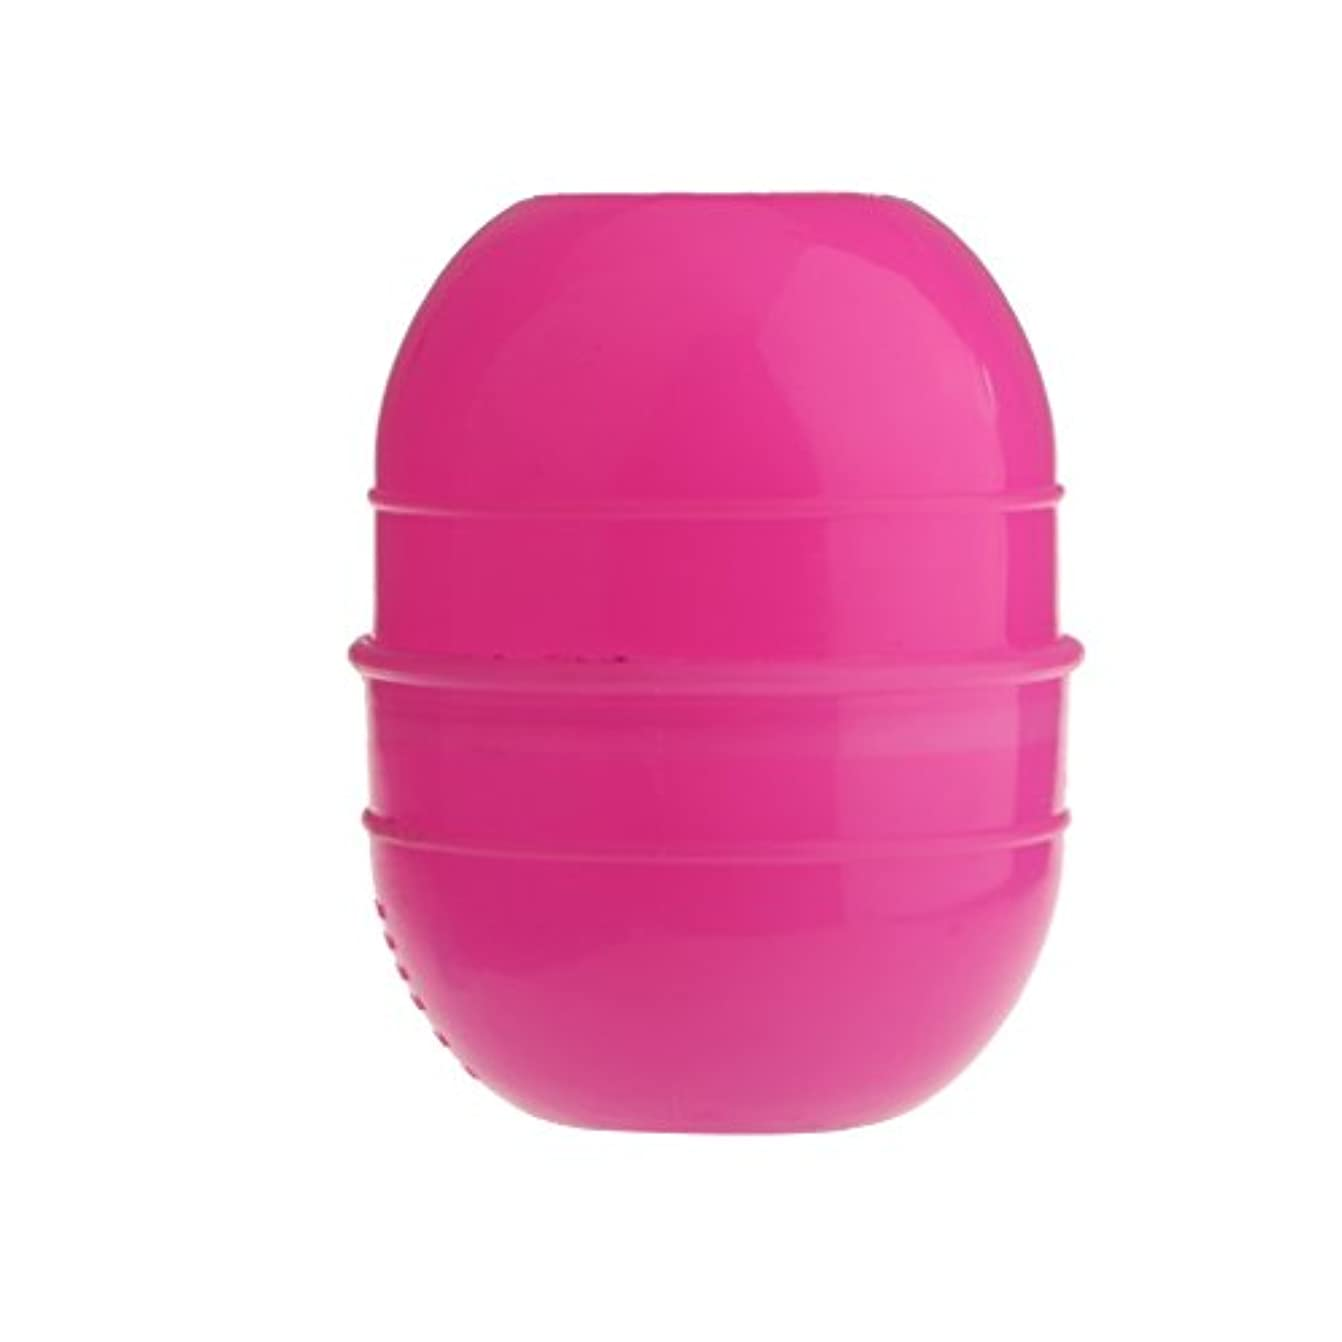 出席する上げるむさぼり食うヘアカラー ボウル ヘアダイ カップ 色合いボウル 染料撹拌 プラスチック 全2色 - ローズレッド